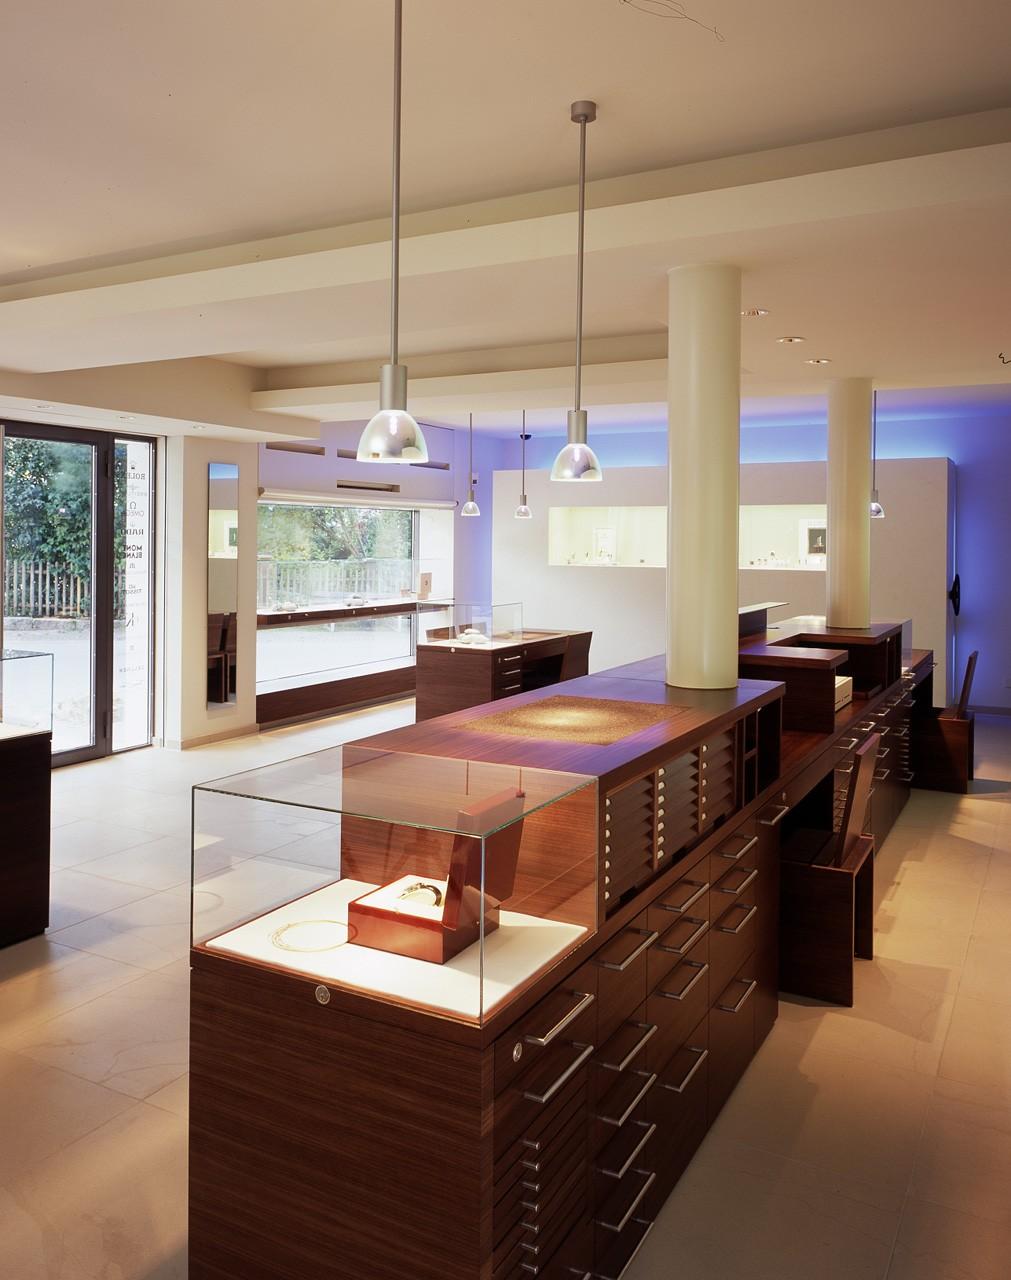 architektur-plus-raum-juwelier-mueller-10_Katego-header-5